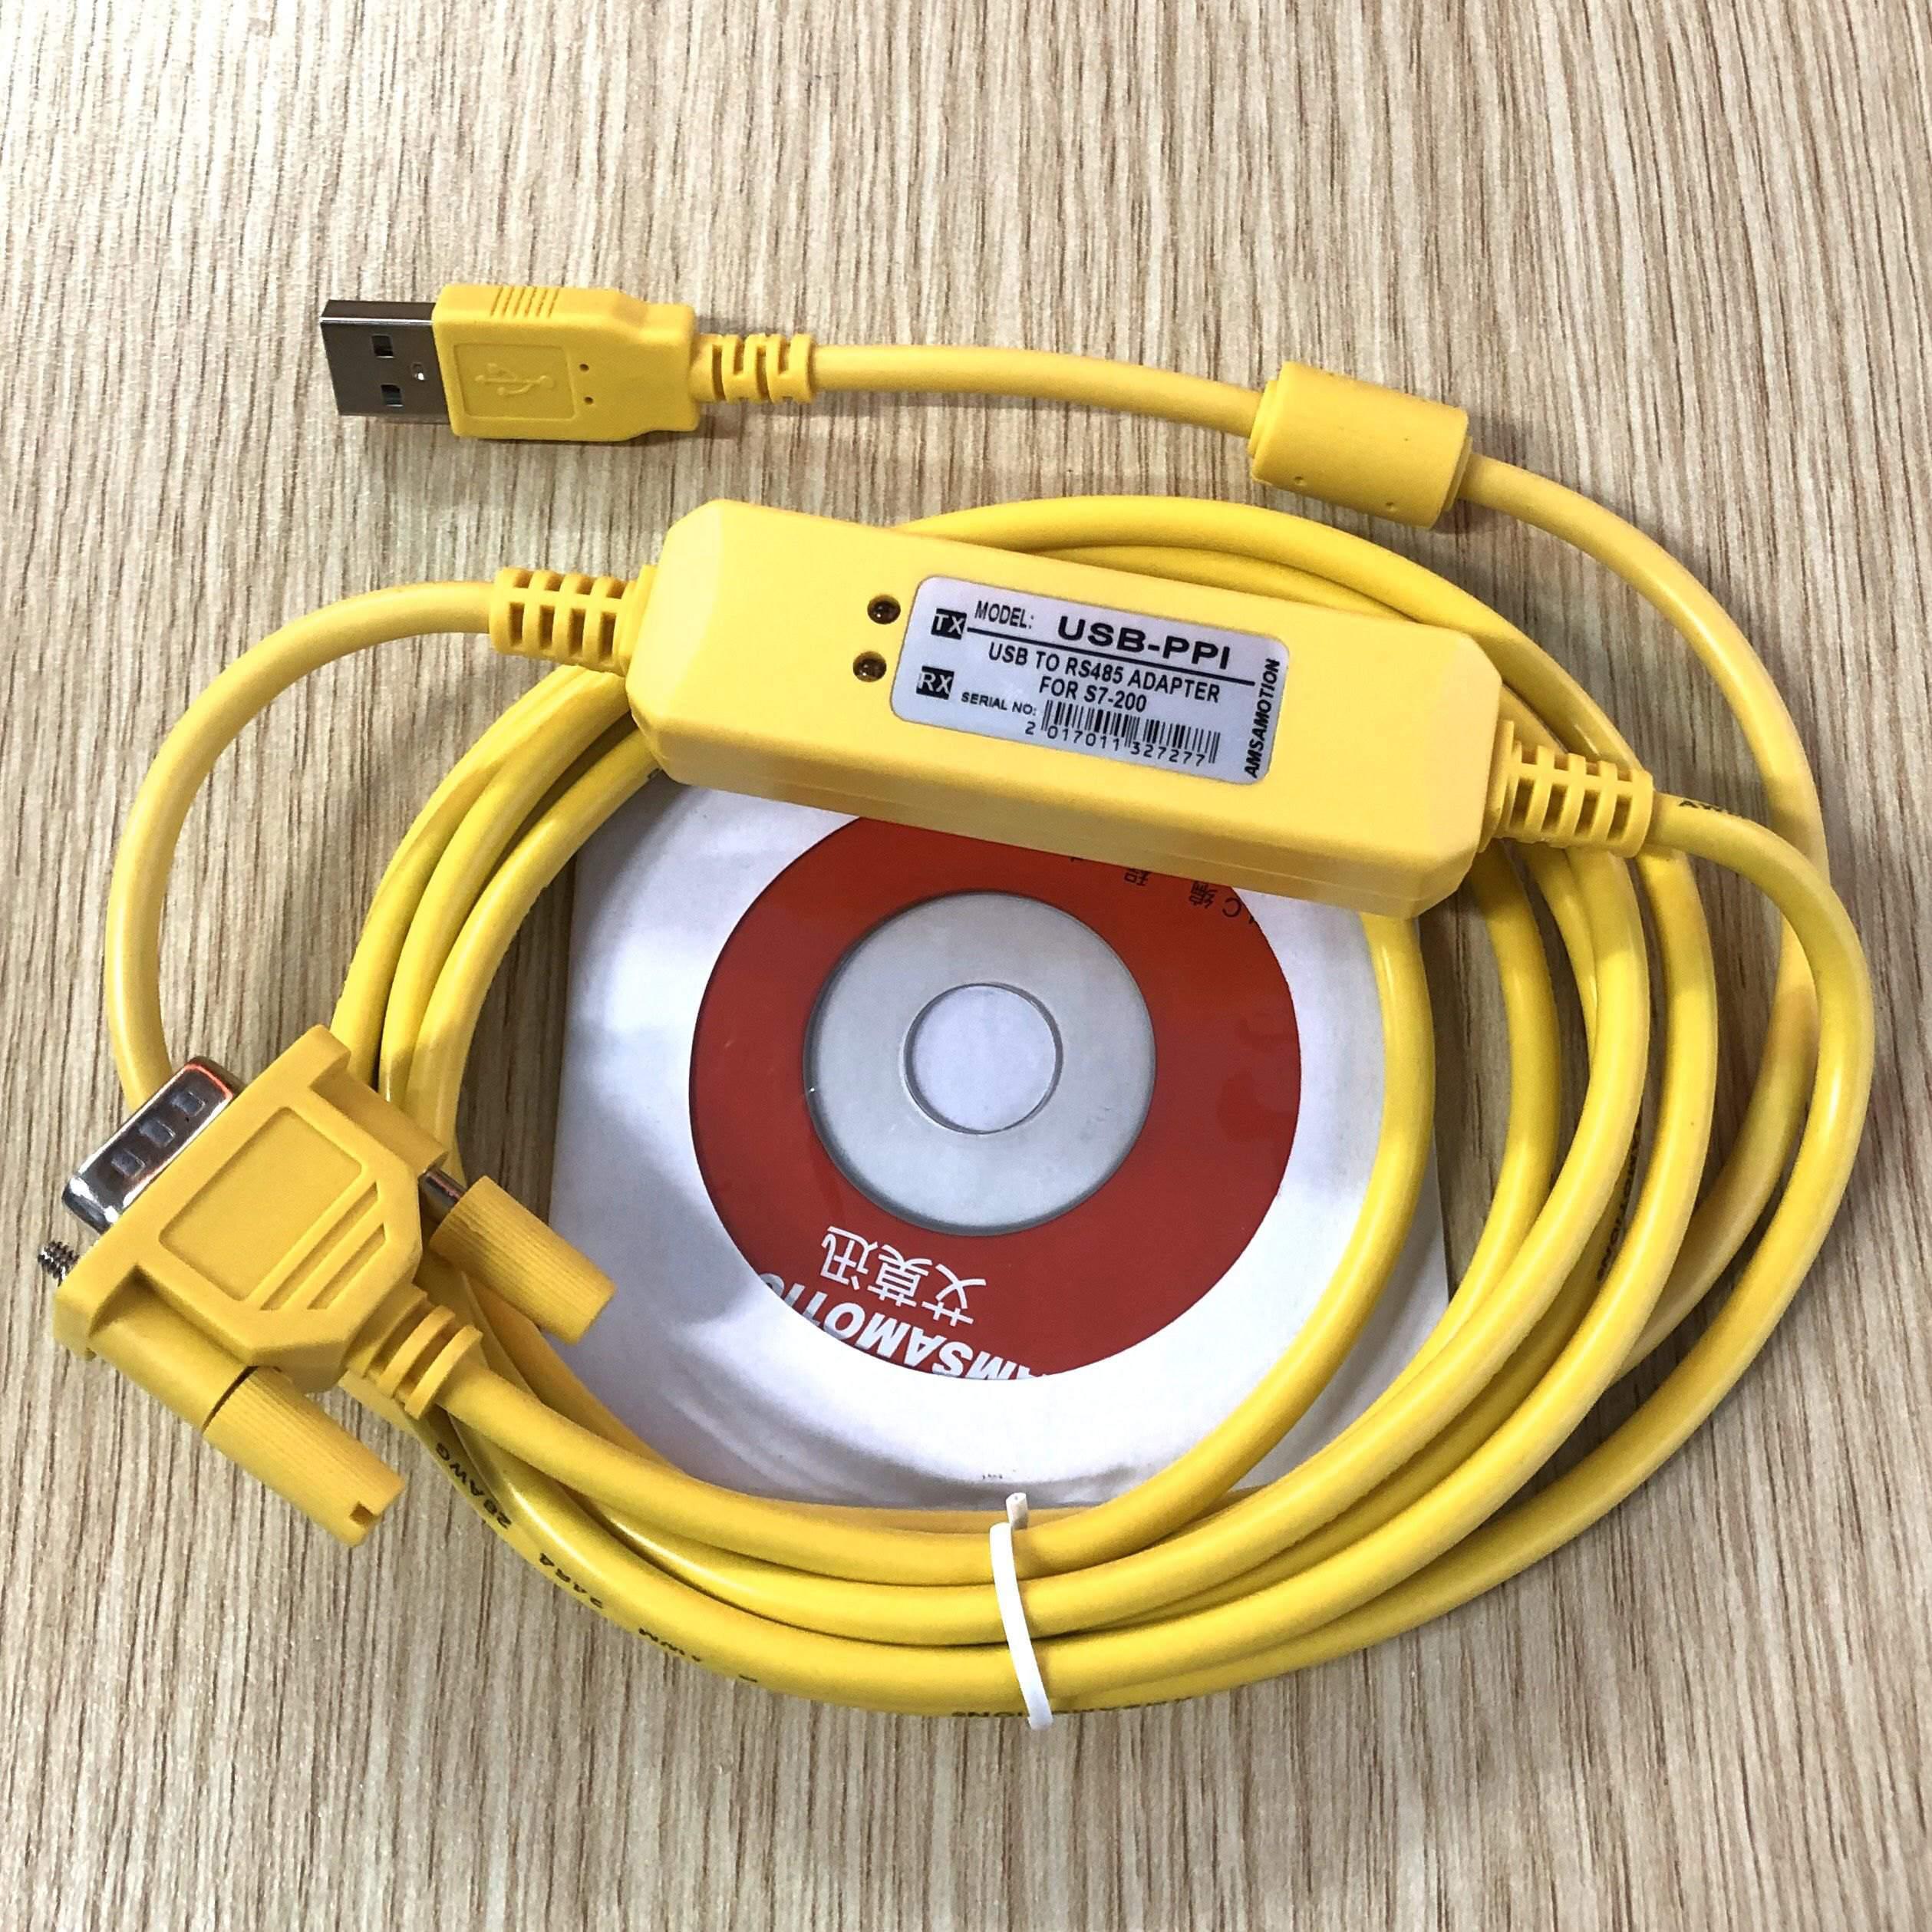 Cáp lập trình PLC Siemens USB-PPI / USB PPI / USB to RS485 Siemens S7-200 / MẠCH NẠP PLC S7-200 - KHO B